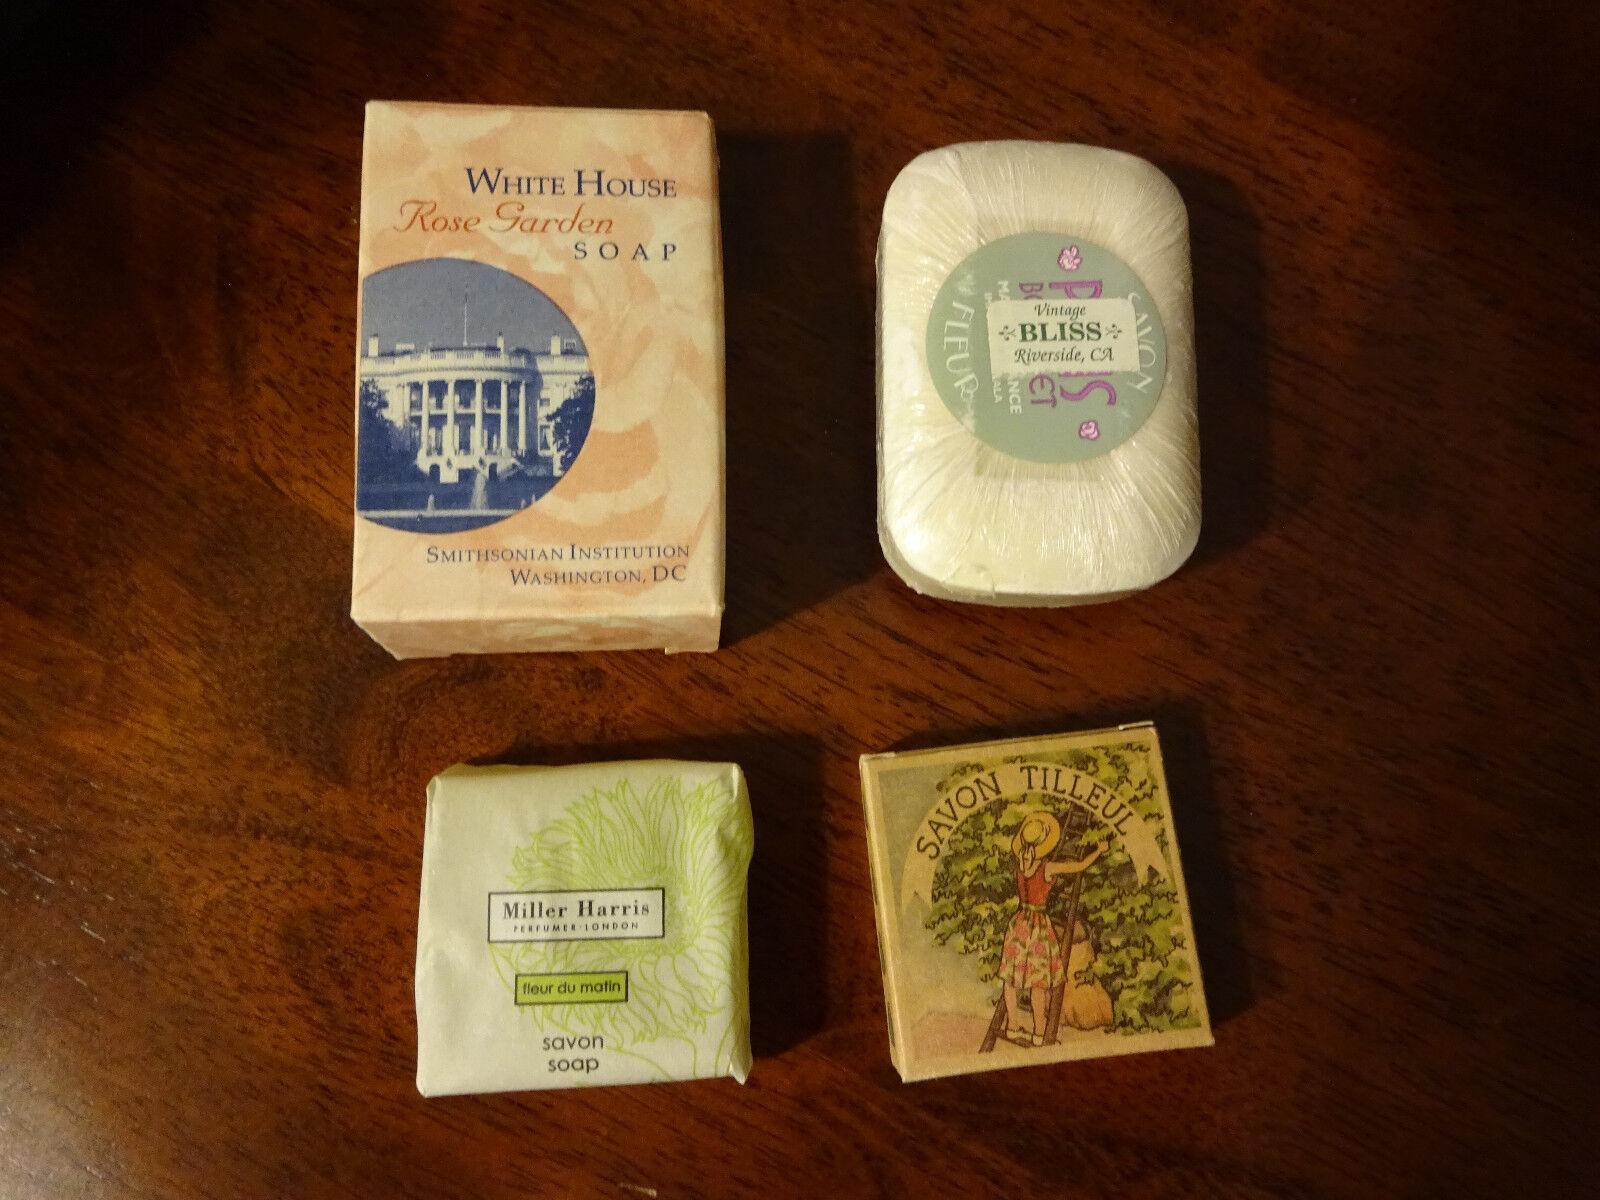 White House Rose Garden Soap-Vintage Bliss Soap-2 Mini Soaps New Lot ...